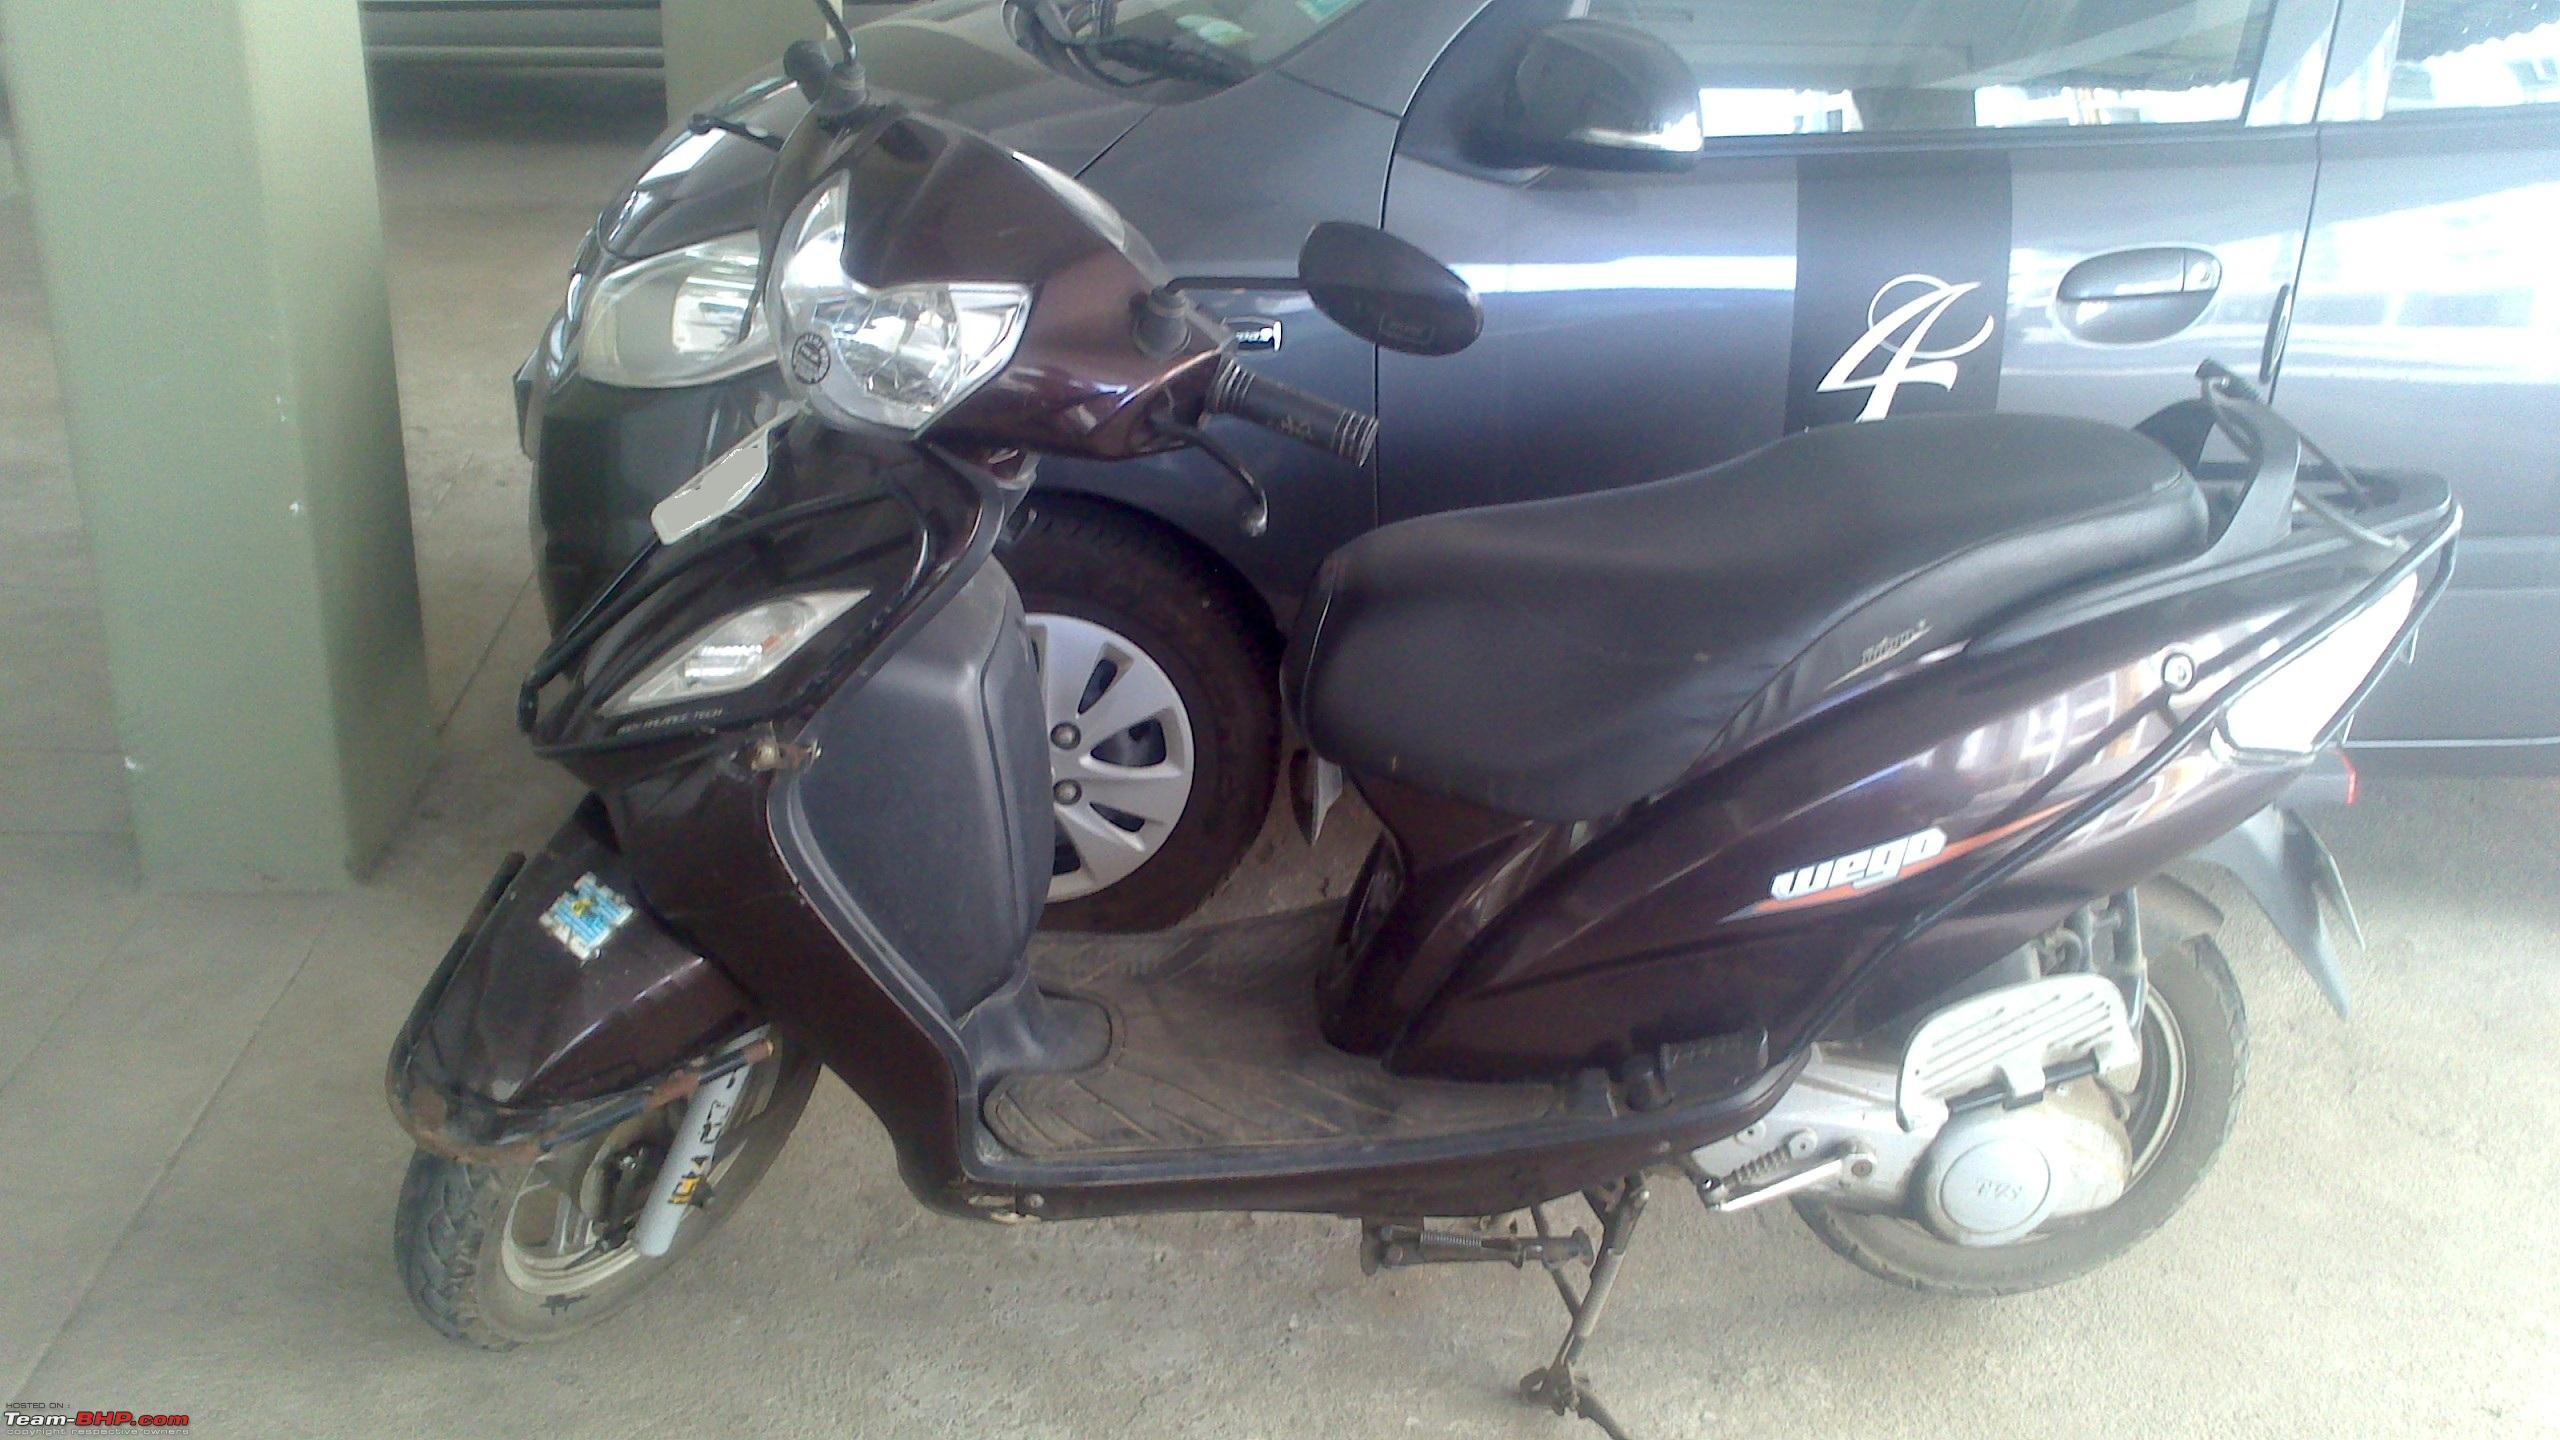 new wego scooter